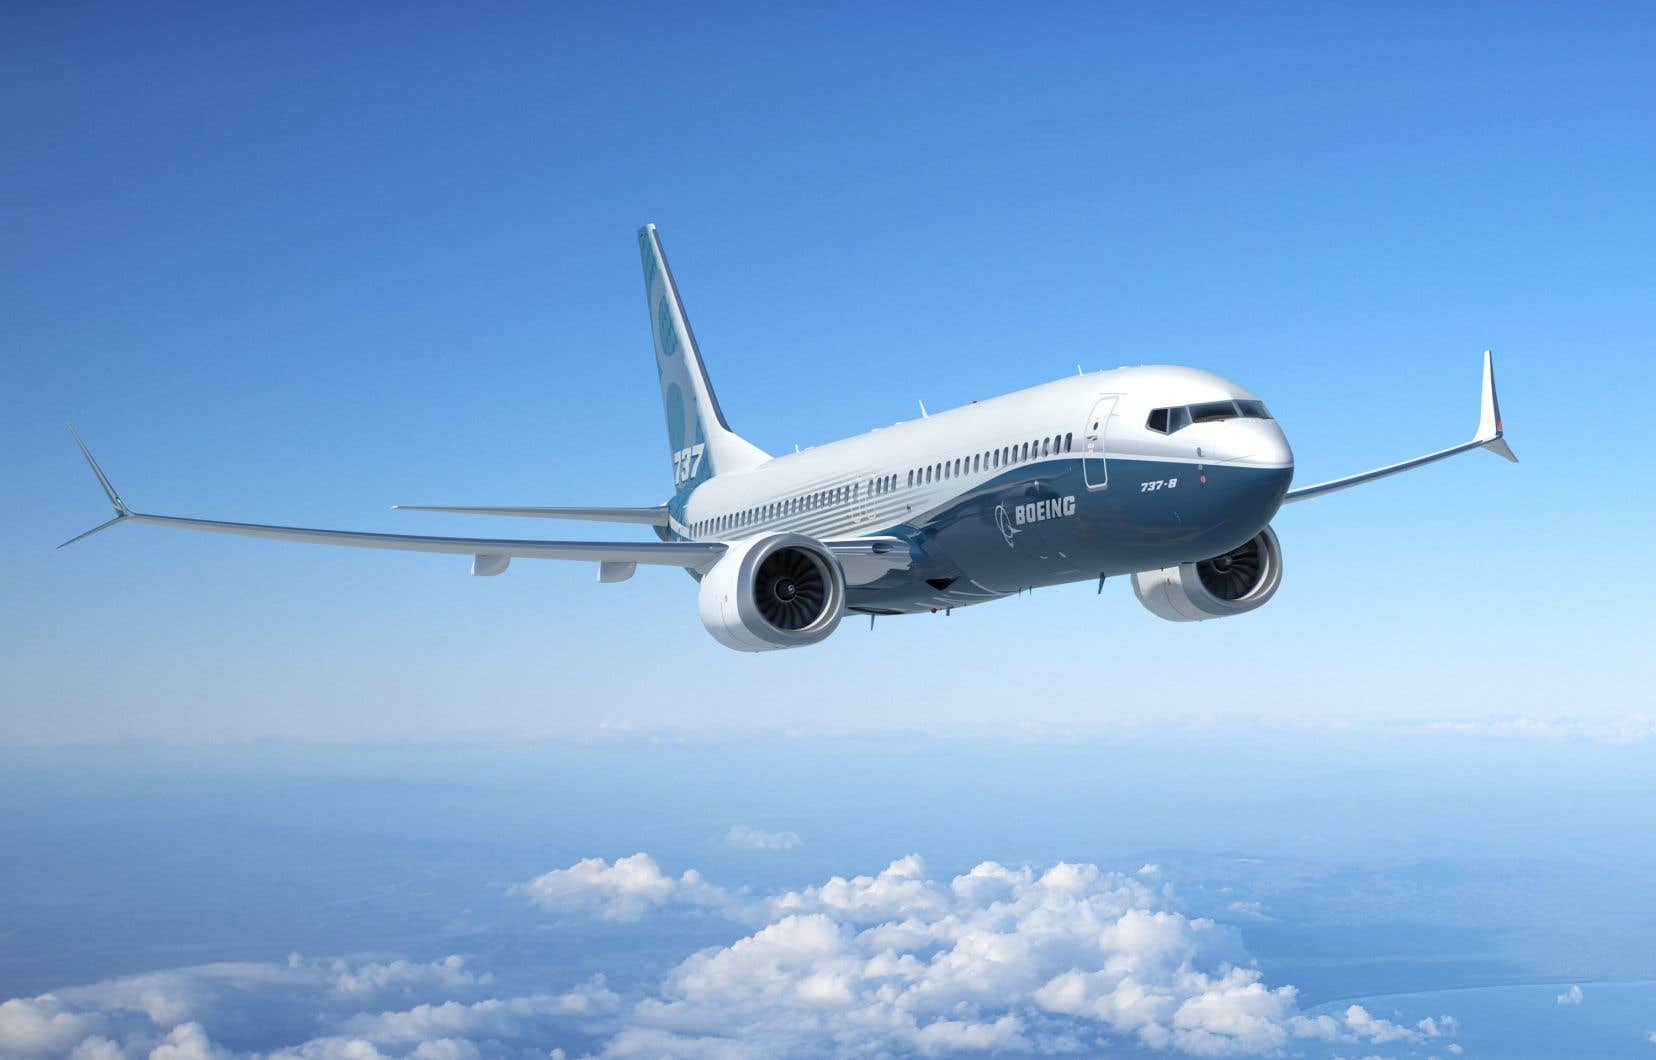 L'action de Boeing a perdu quelque 10% de sa valeur depuis février, un recul reflétant les inquiétudes des marchés depuis l'apparition des tensions commerciales.